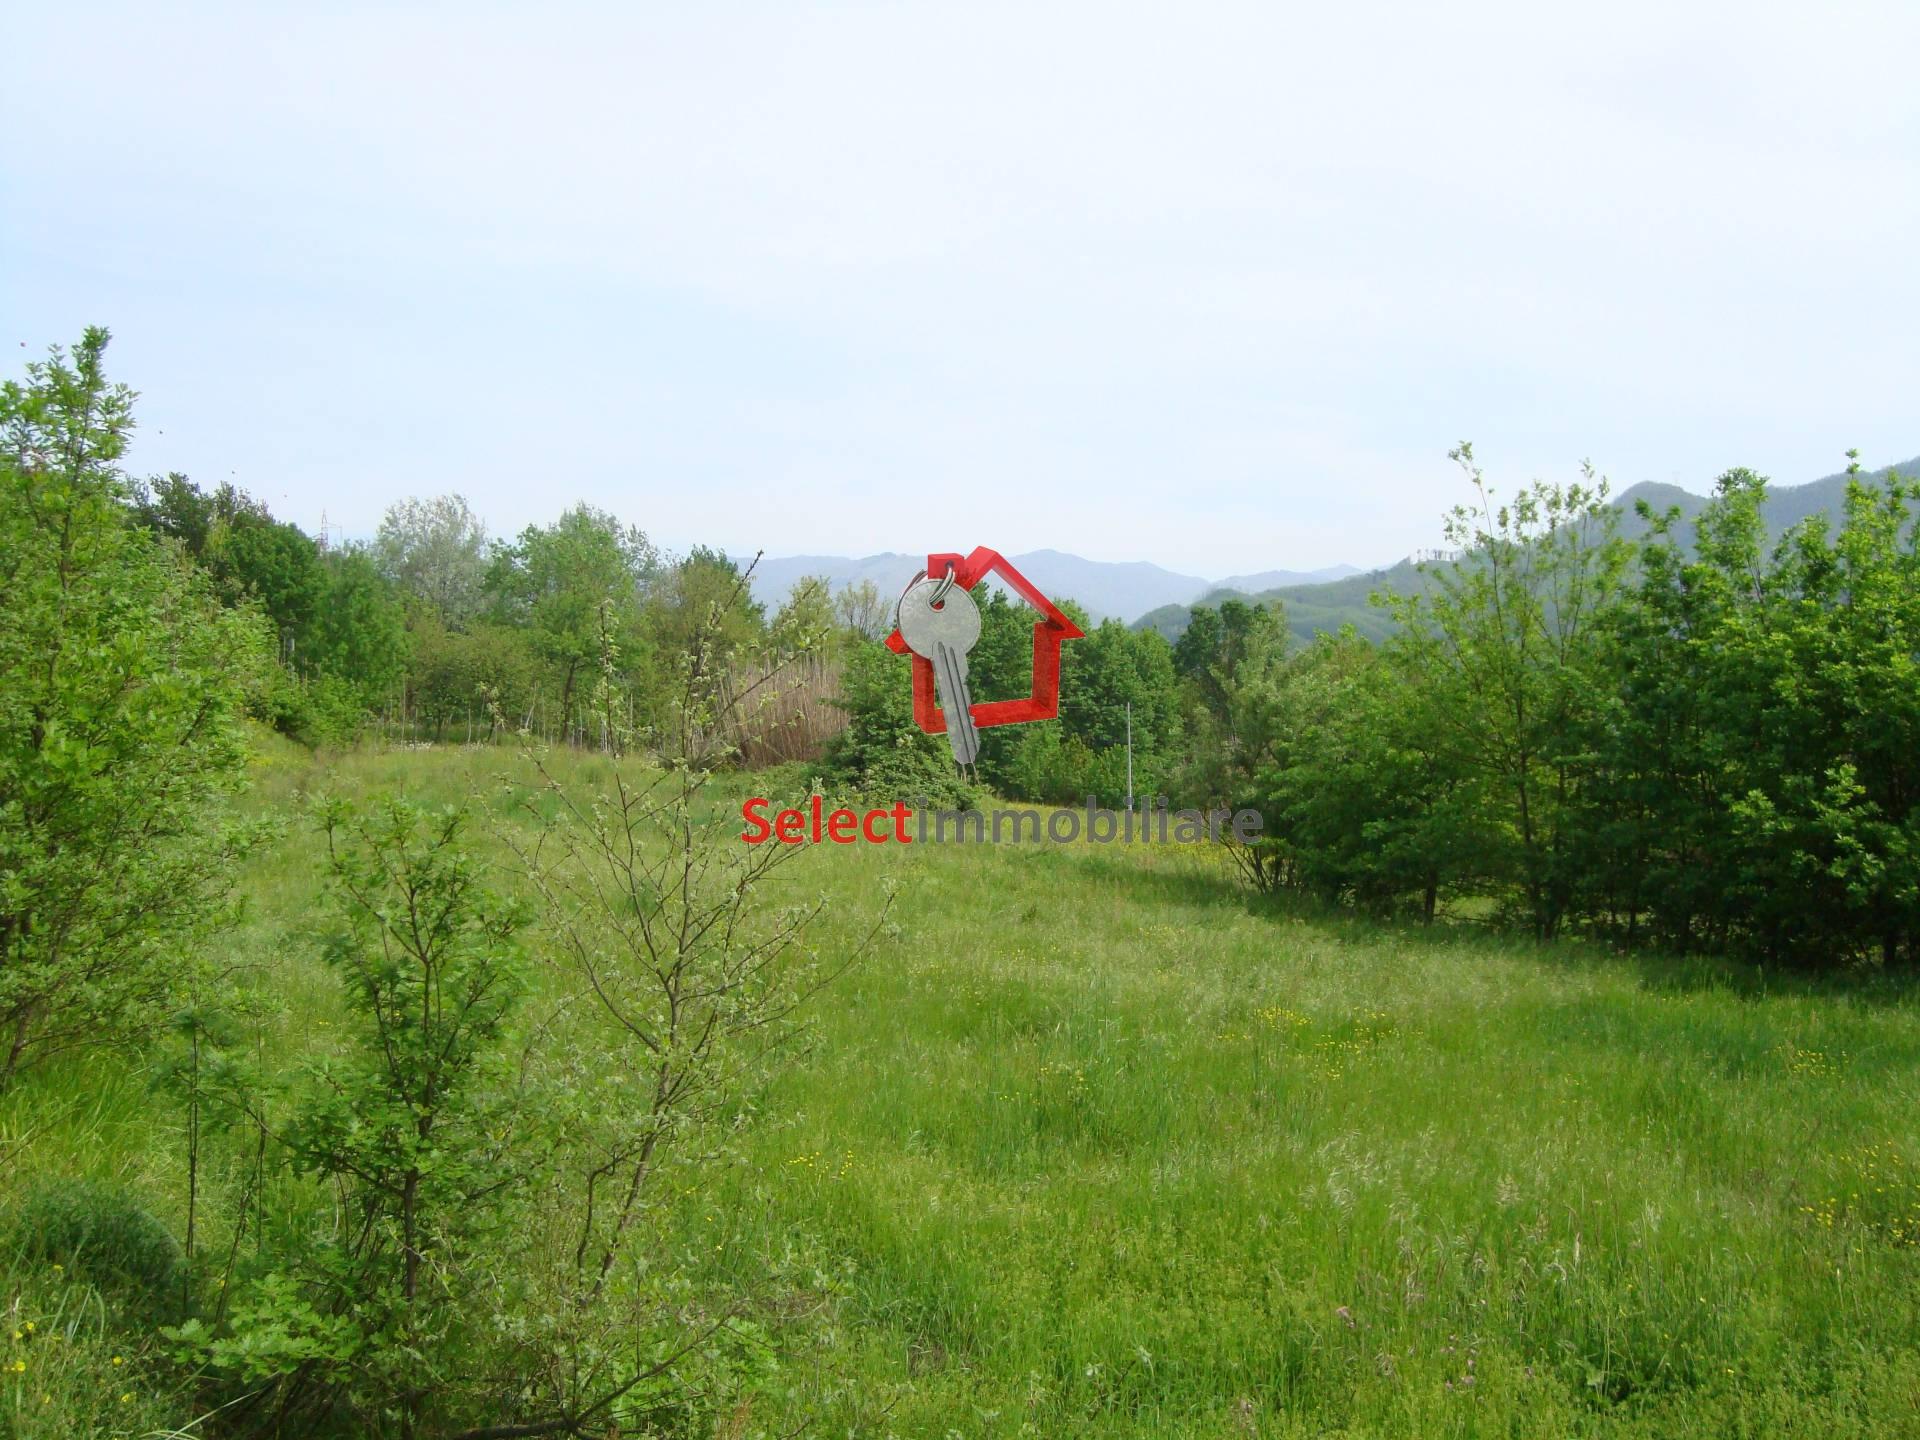 Terreno Edificabile Residenziale in vendita a Coreglia Antelminelli, 9999 locali, Trattative riservate | Cambio Casa.it